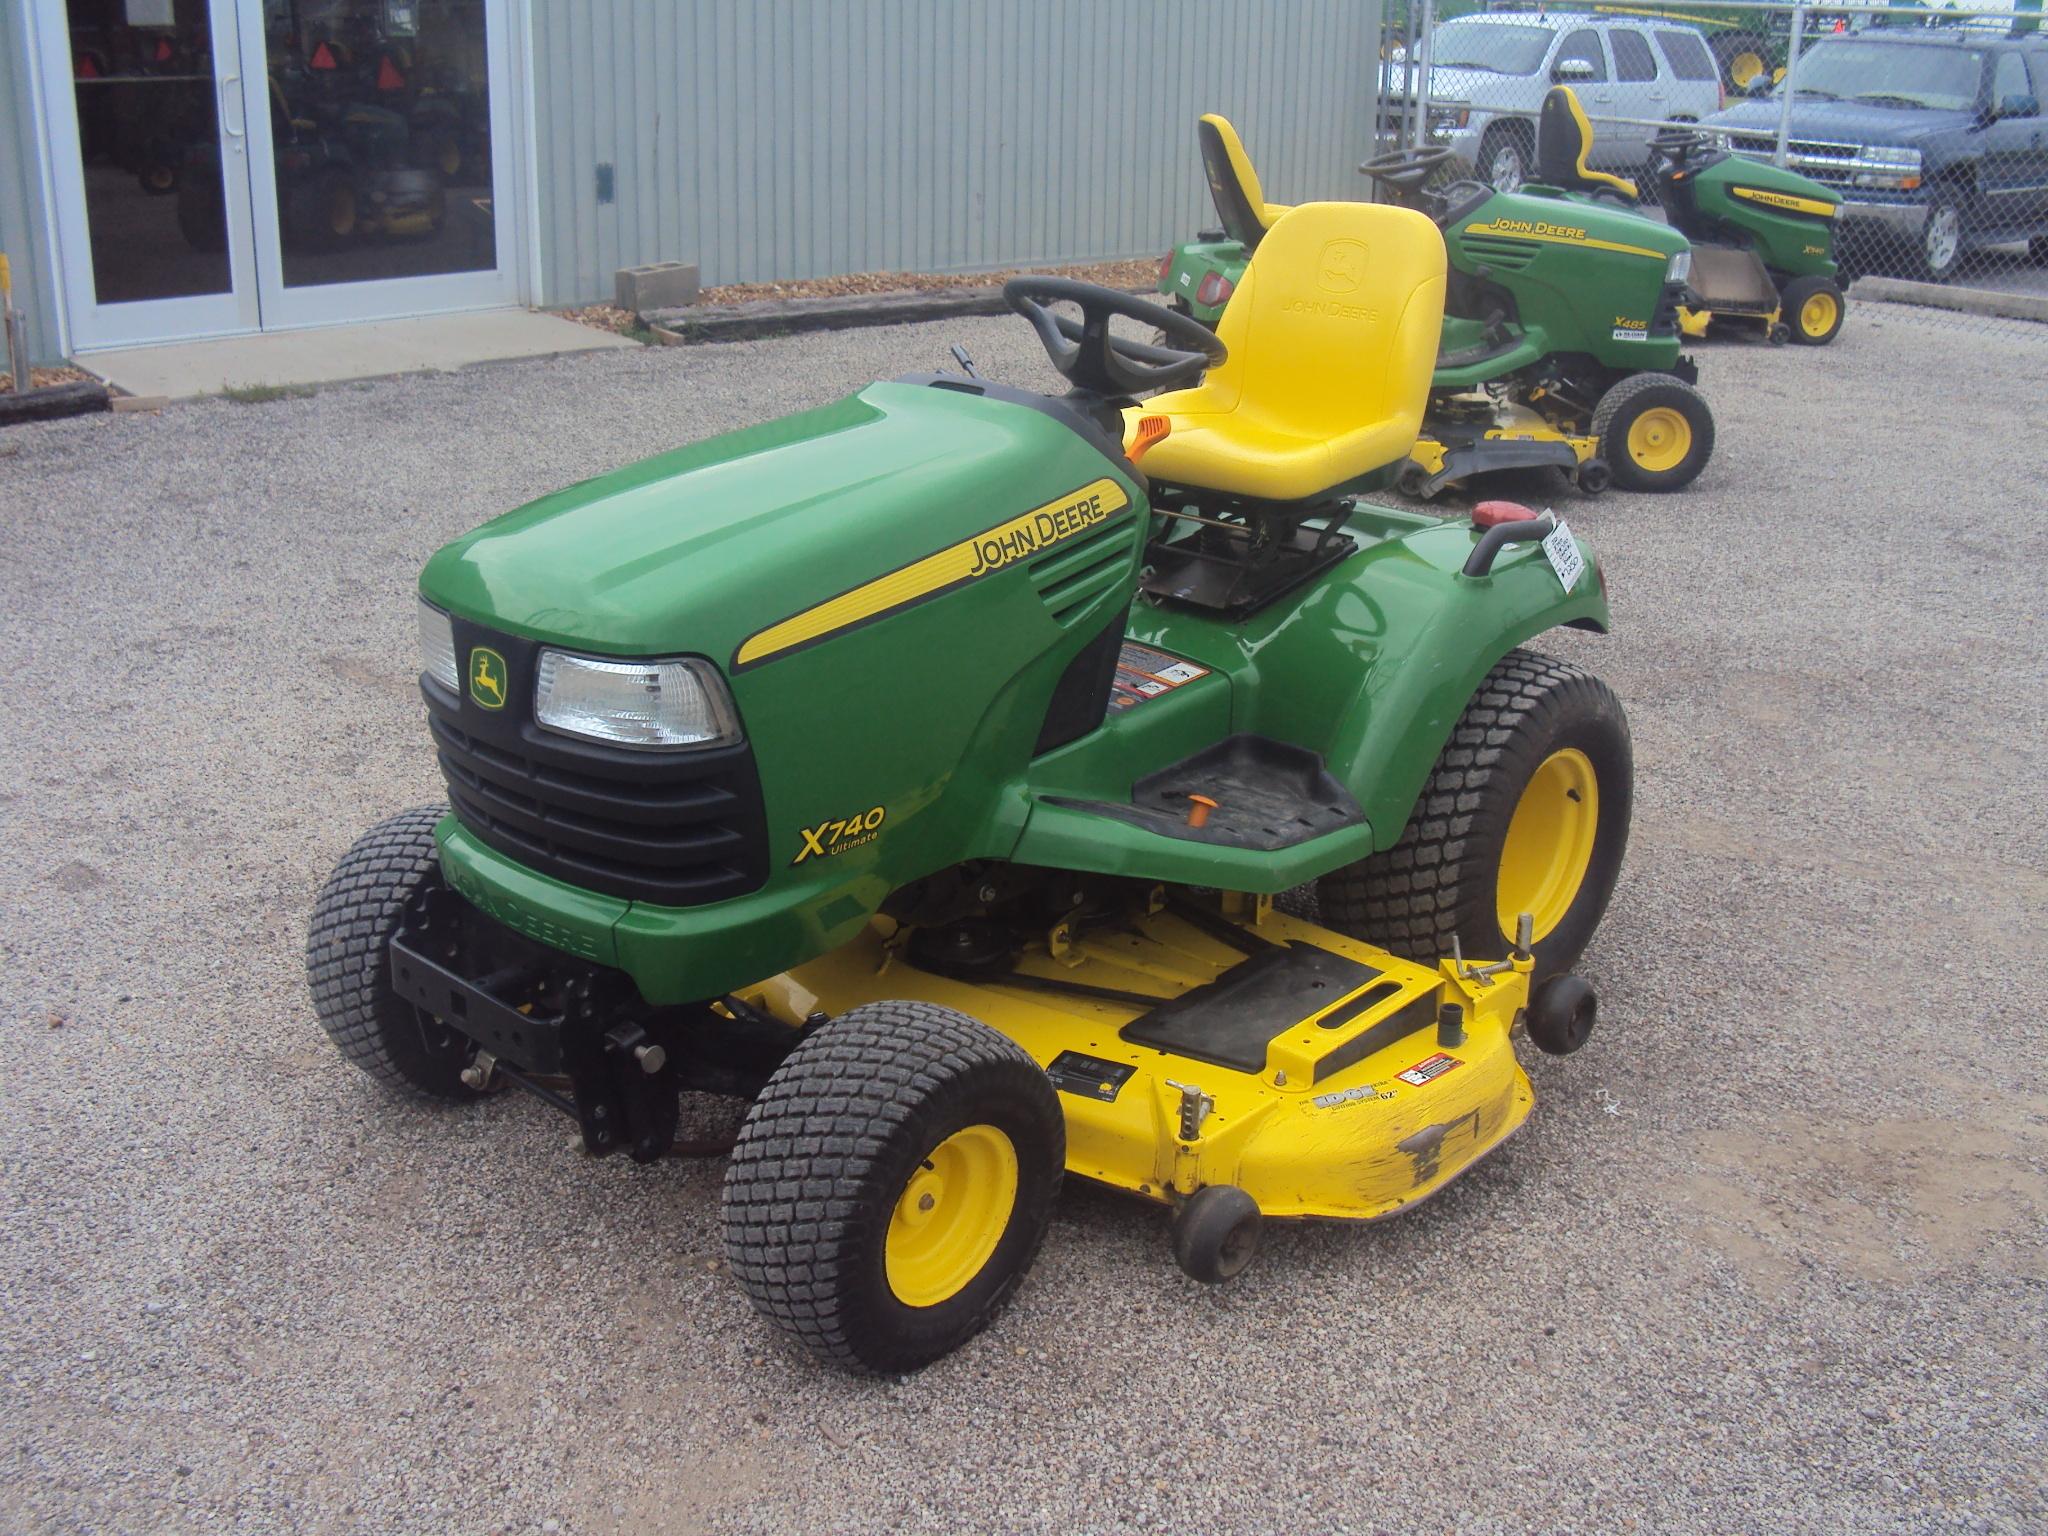 John Deere 740 Tractor : John deere